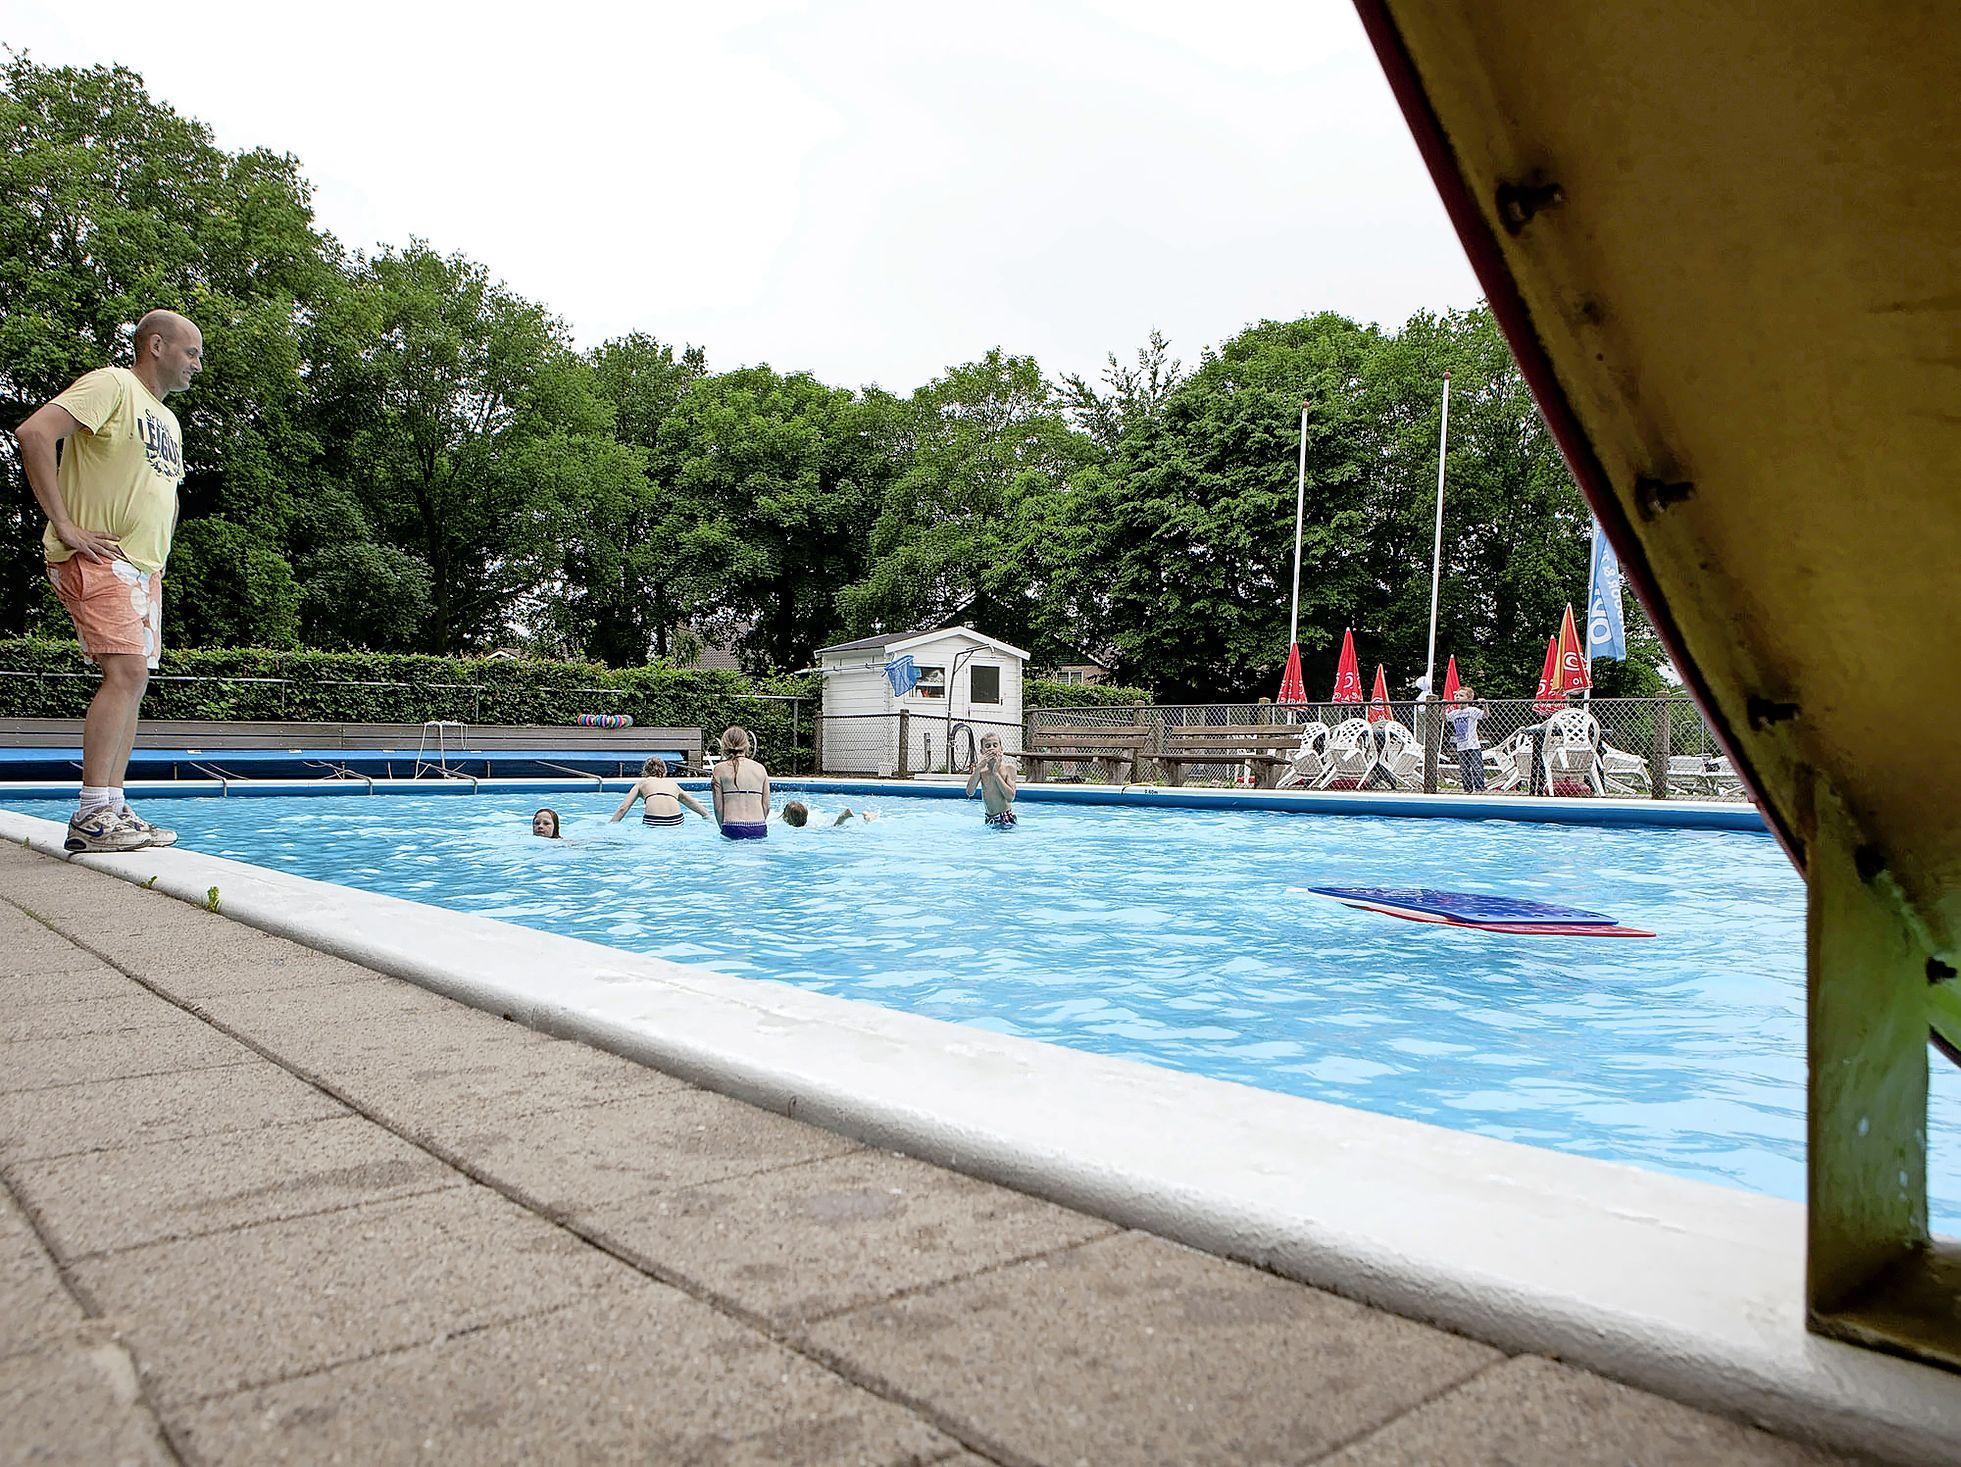 Gemeente Castricum wil een hospice op het terrein van zwembad Dampegheest: 'We gaan kijken of het haalbaar is'